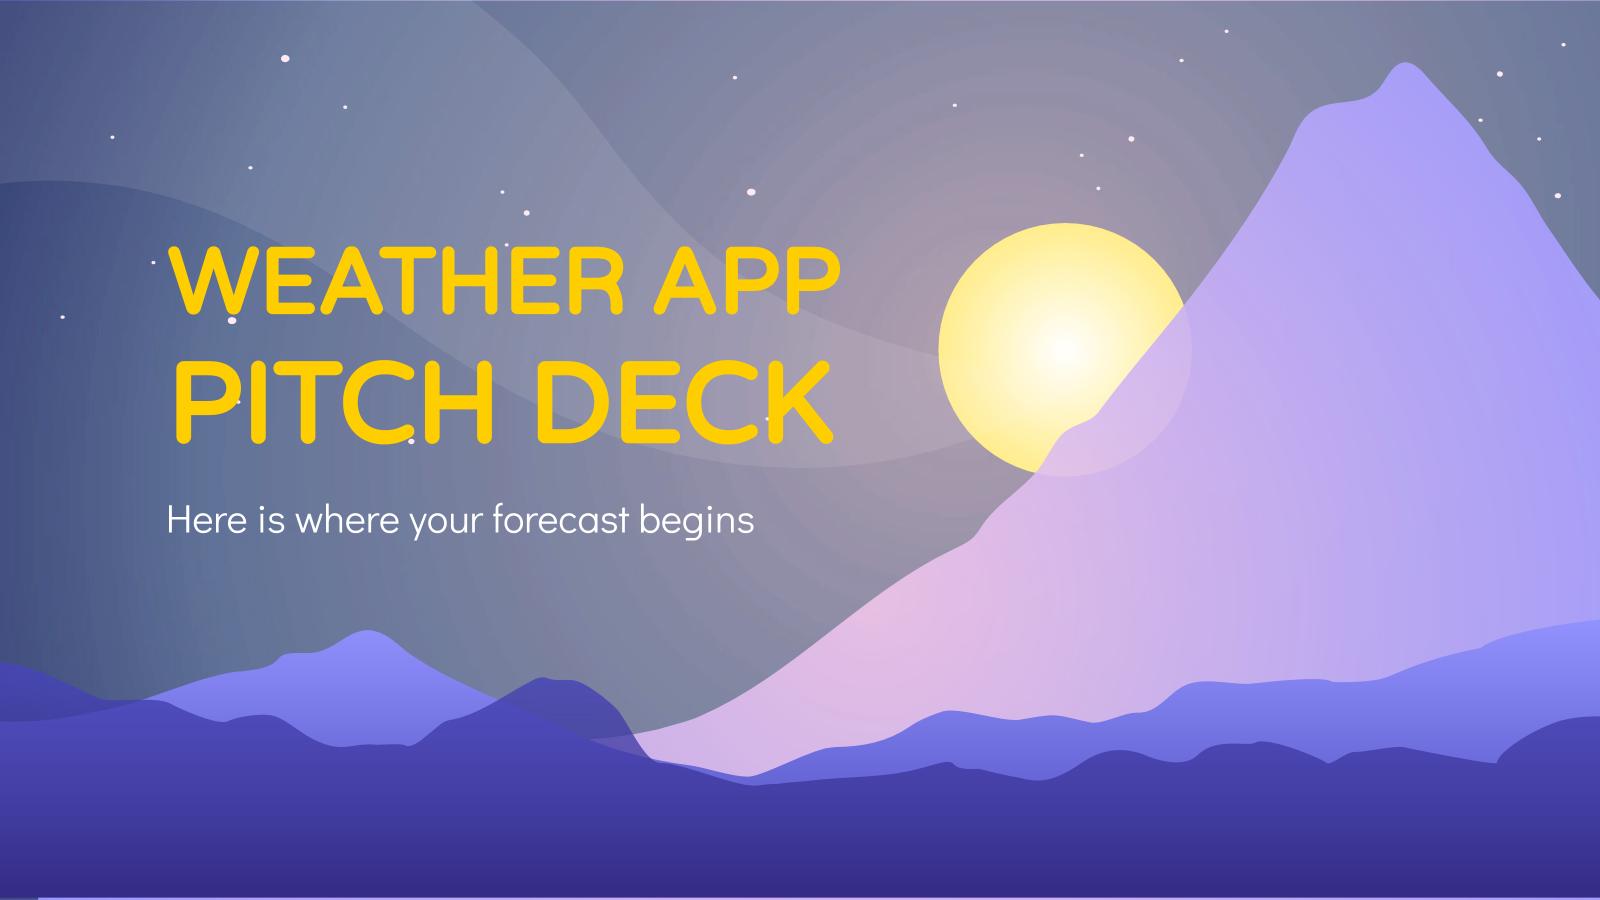 Plantilla de presentación Pitch deck para app del tiempo